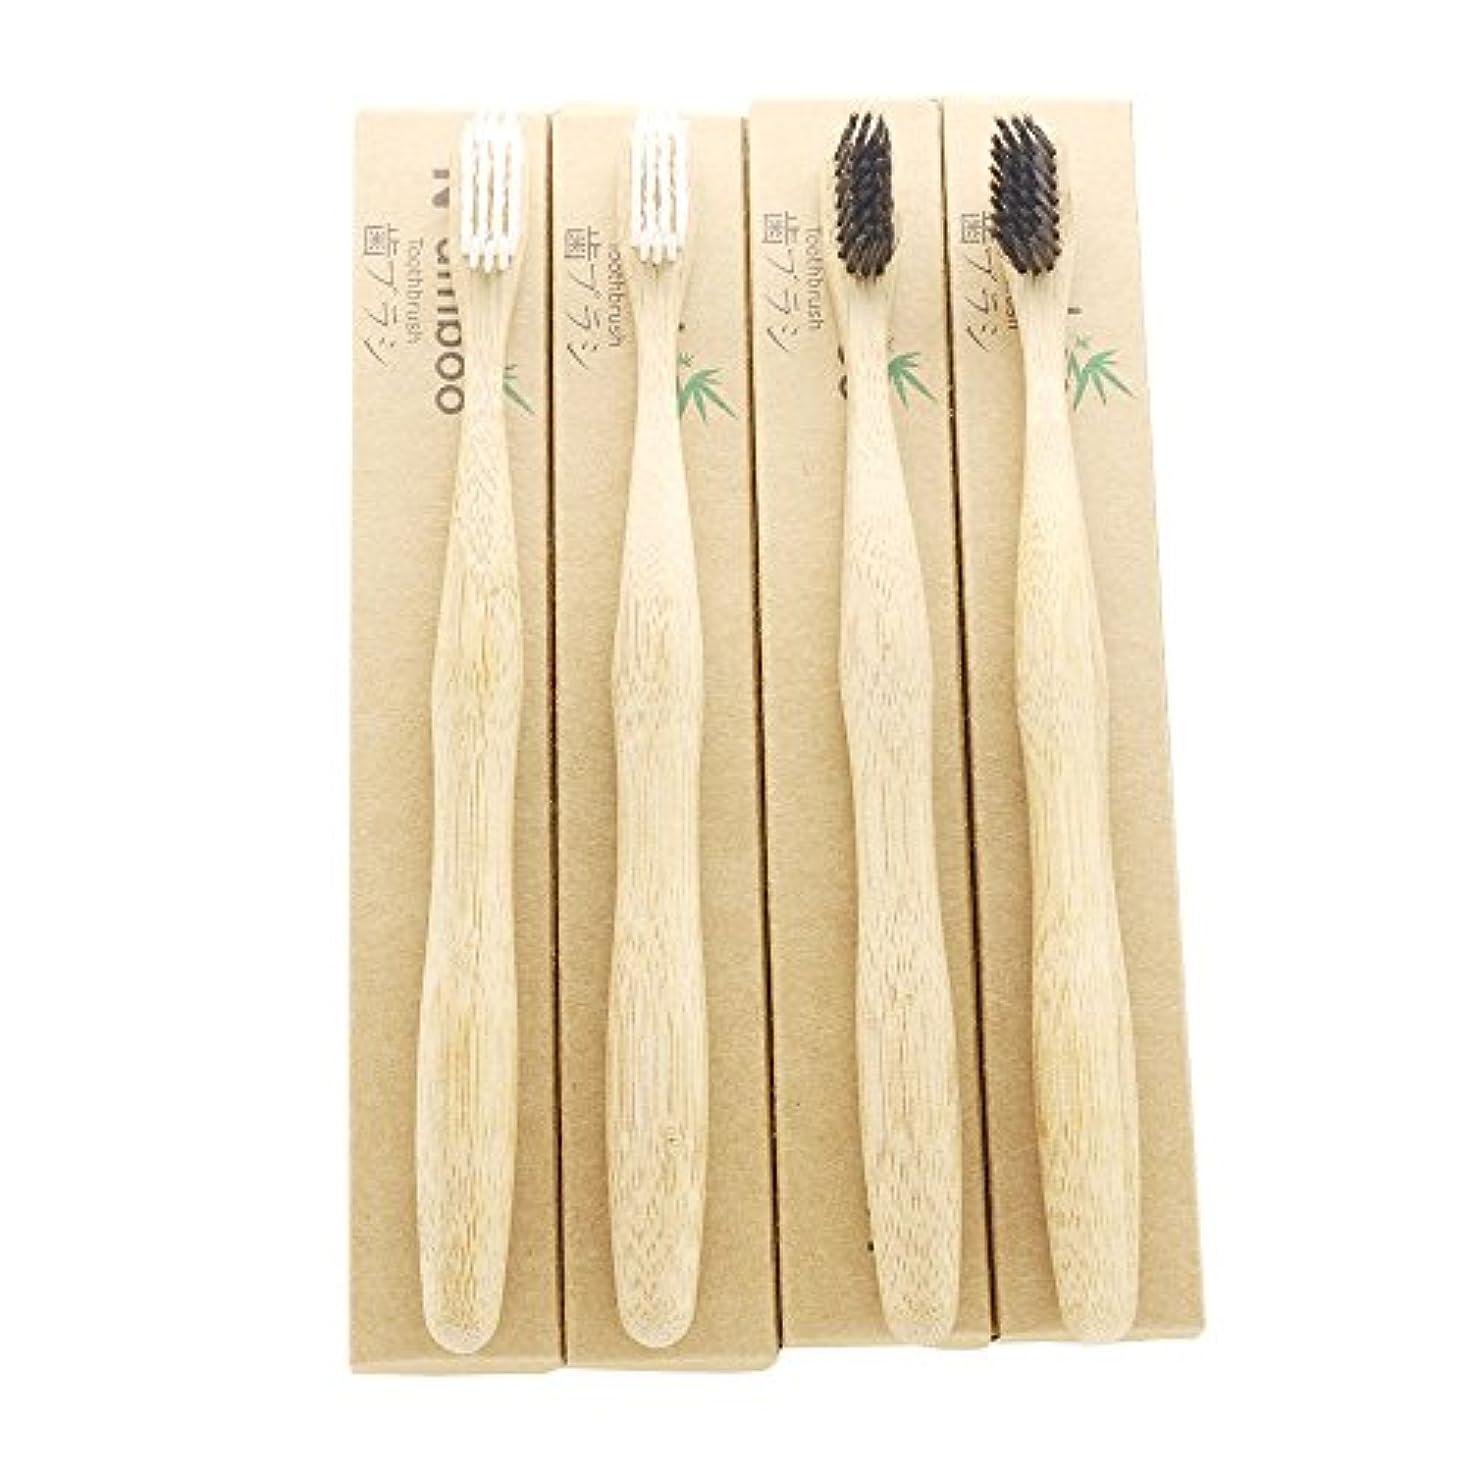 痛い受け入れ維持N-amboo 竹製 歯ブラシ 高耐久性 白と黒 セット エコ (4本)